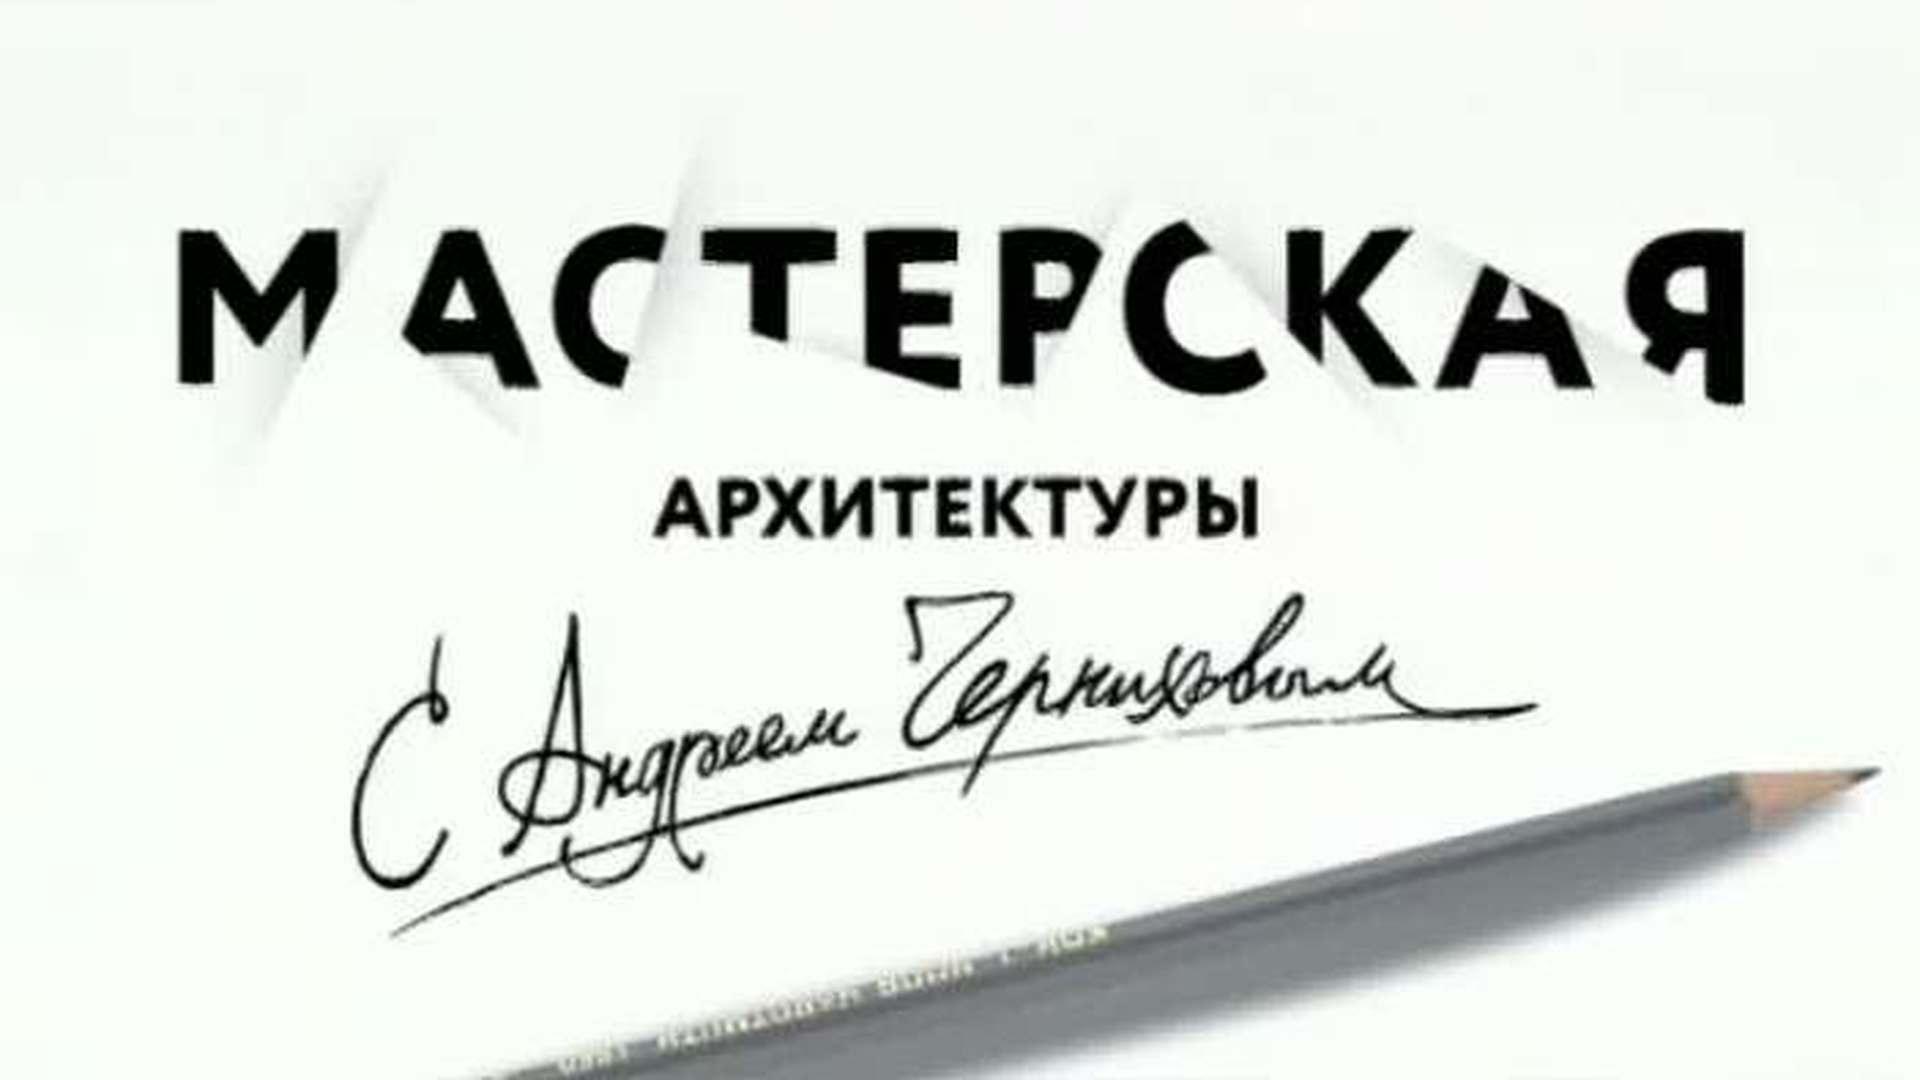 Мастерская архитектуры с Андреем Черниховым